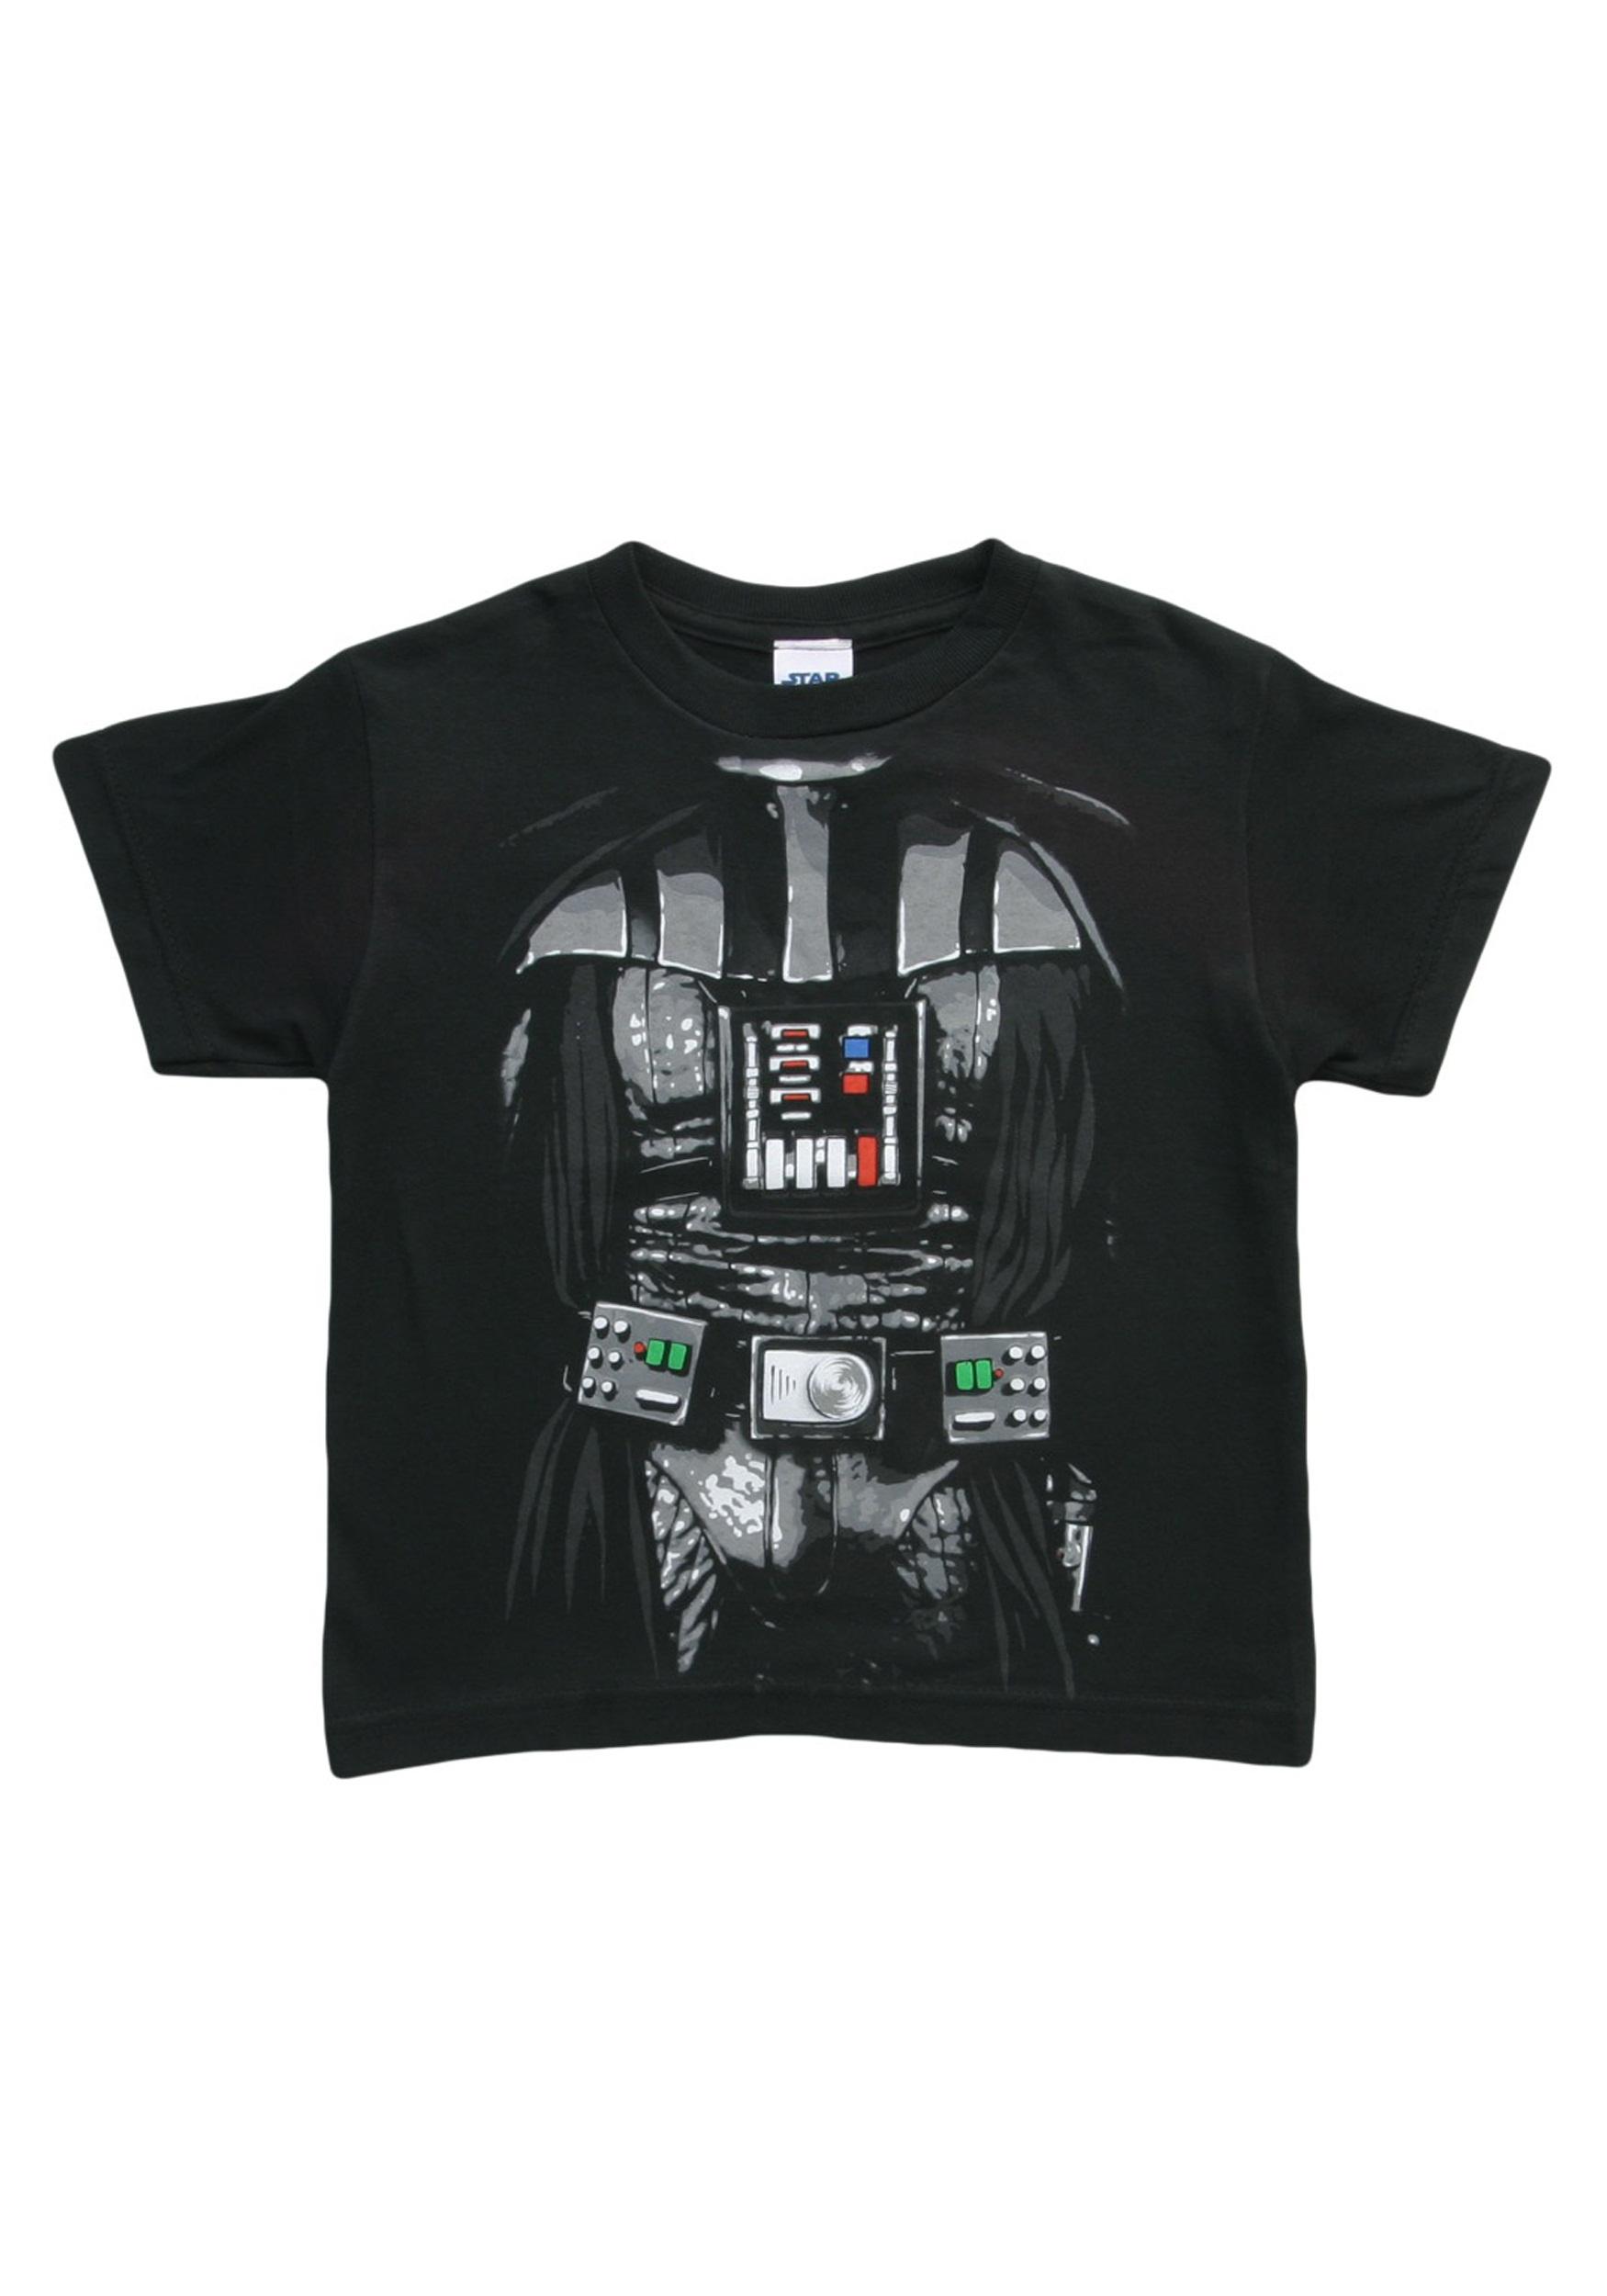 Juvy Star Wars Darth Vader Costume T-Shirt MAB0243JS